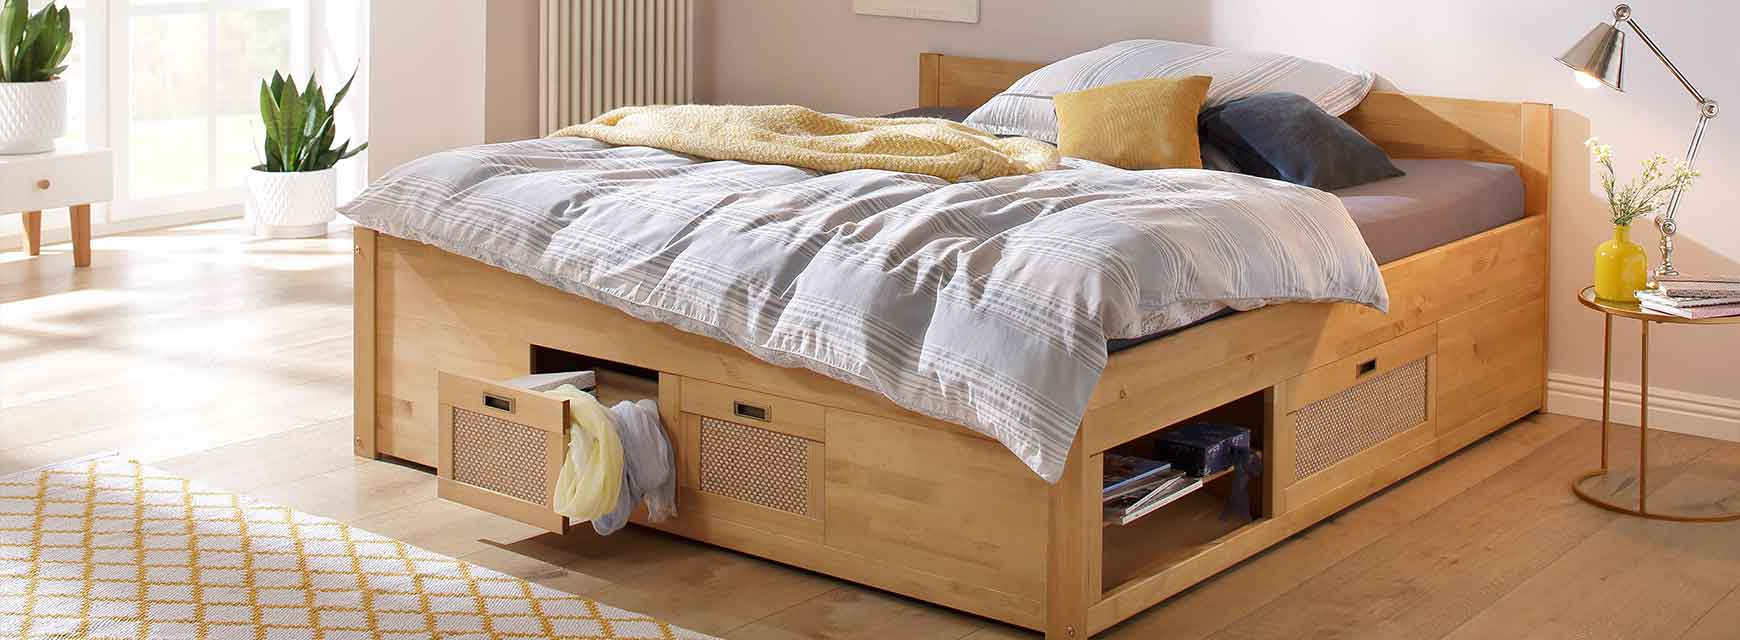 Full Size of Bett 120x200 Mit Bettkasten Betten Weiß Matratze Und Lattenrost Wohnzimmer Stauraumbett Funktionsbett 120x200